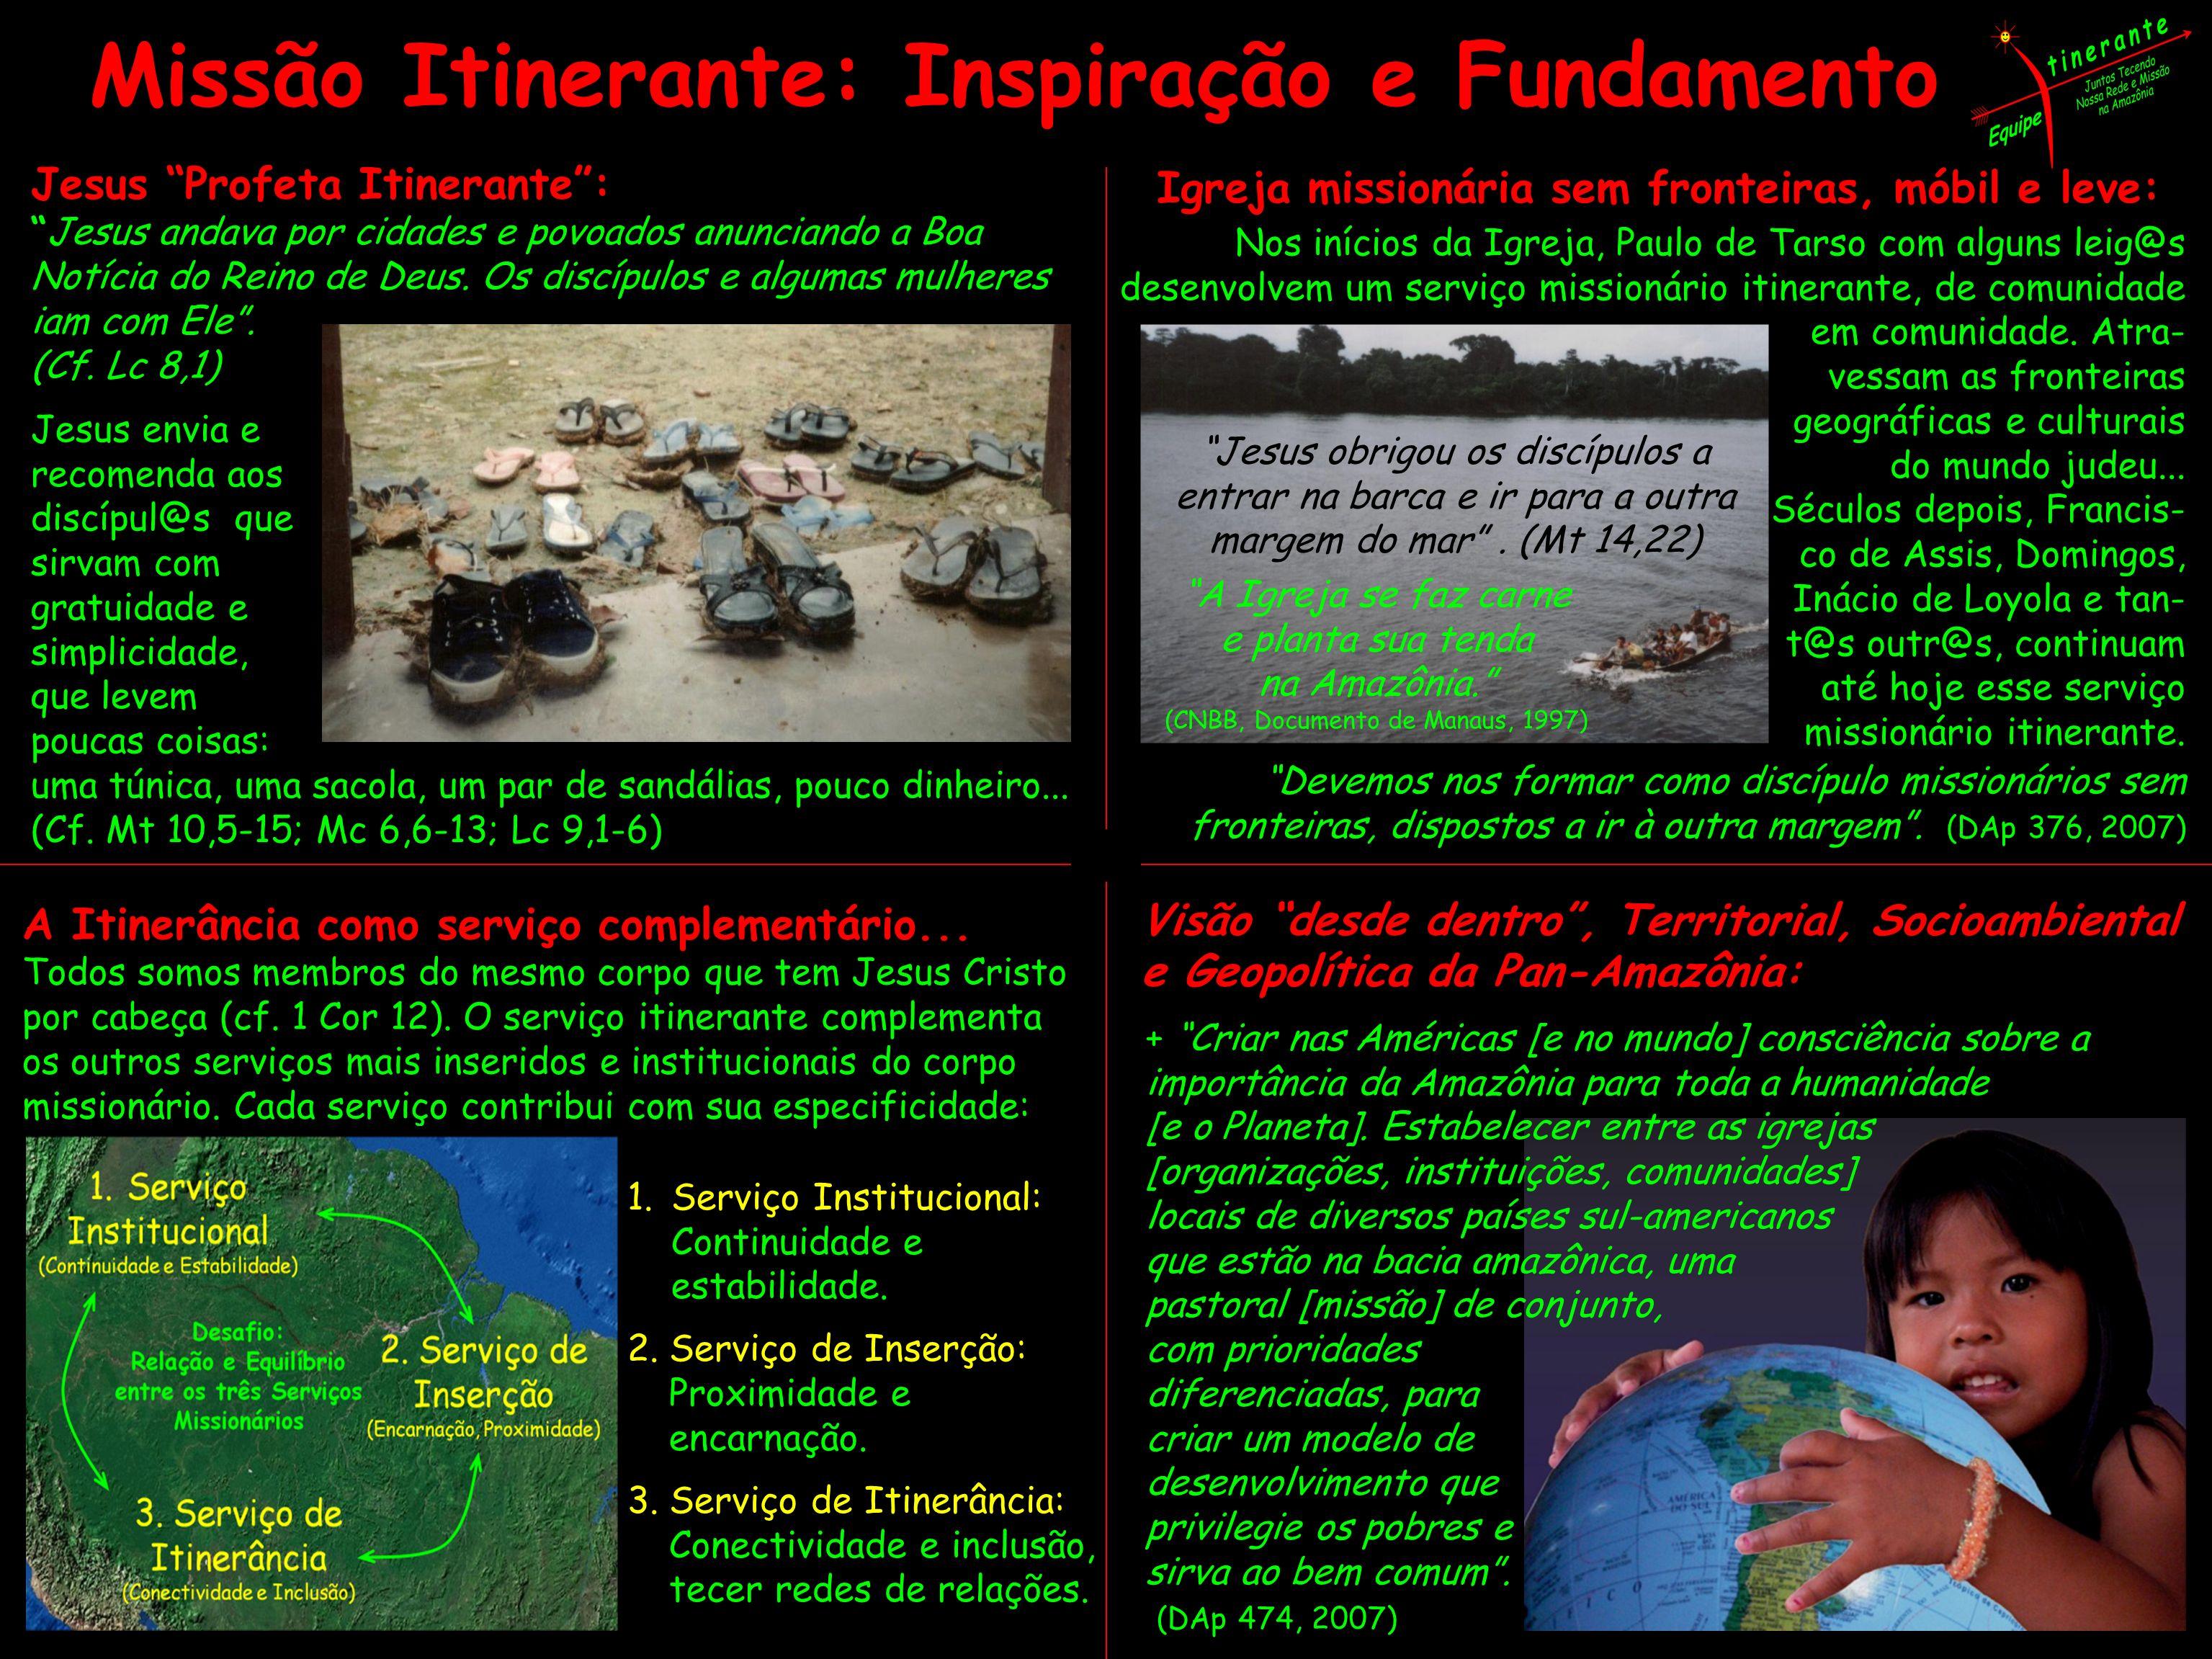 Missão Itinerante: Inspiração e Fundamento